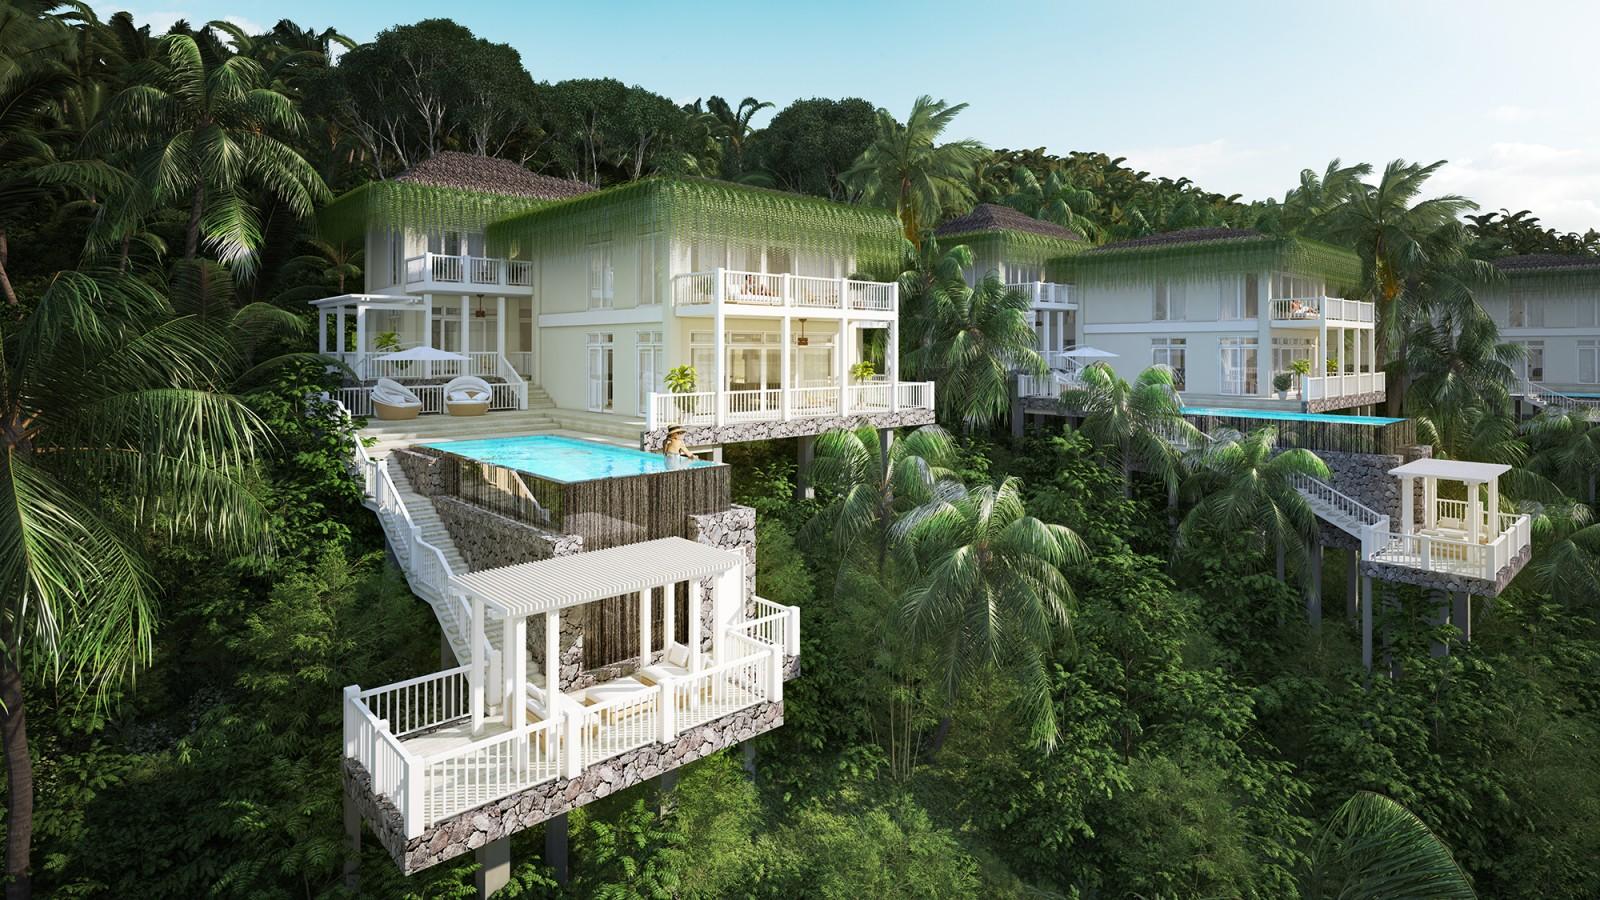 các loại hình bất động sản nghỉ dưỡng như khách sạn nội đô, khu nghỉ dưỡng dài hạn, dịch vụ quản lý đang thực sự hấp dẫn vốn FDI.p/Ông Hiếu chứng minh rằng, Việt Nam đa